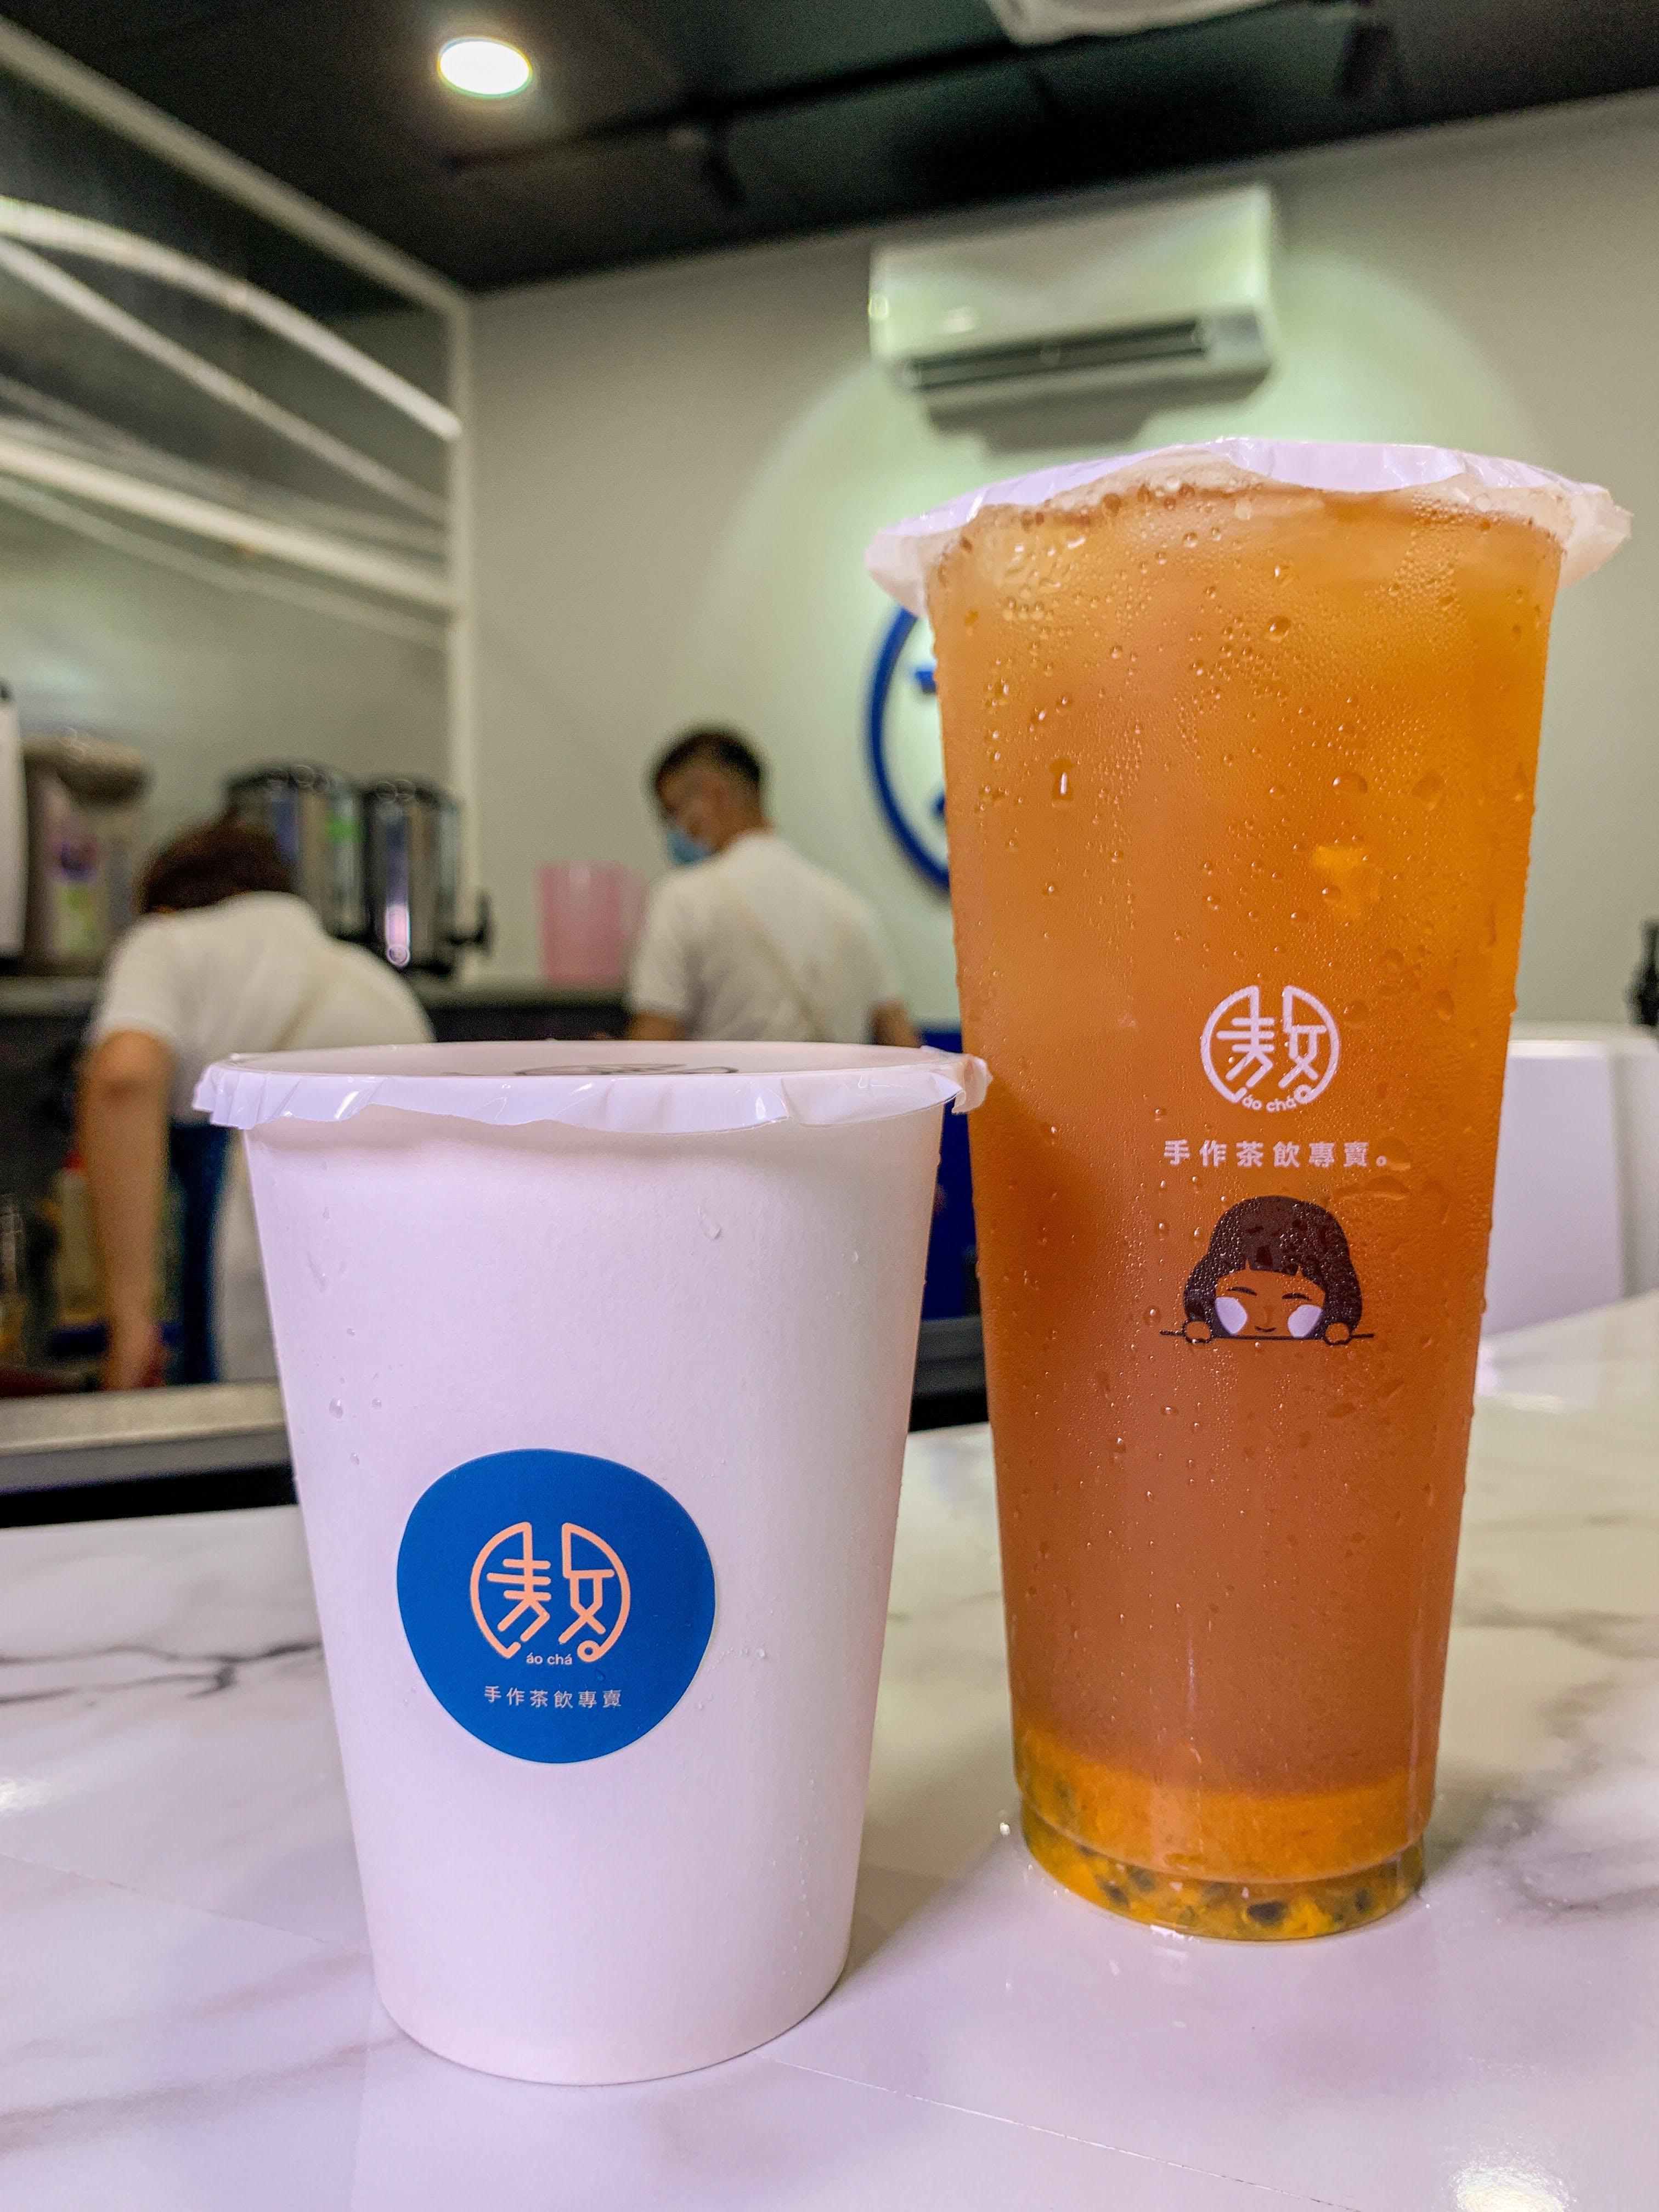 video_object-[台南][安平]敖茶手作茶飲|烏梅汁x咖啡,梅想到的新組合!|真材實料天然好茶安平必喝飲料